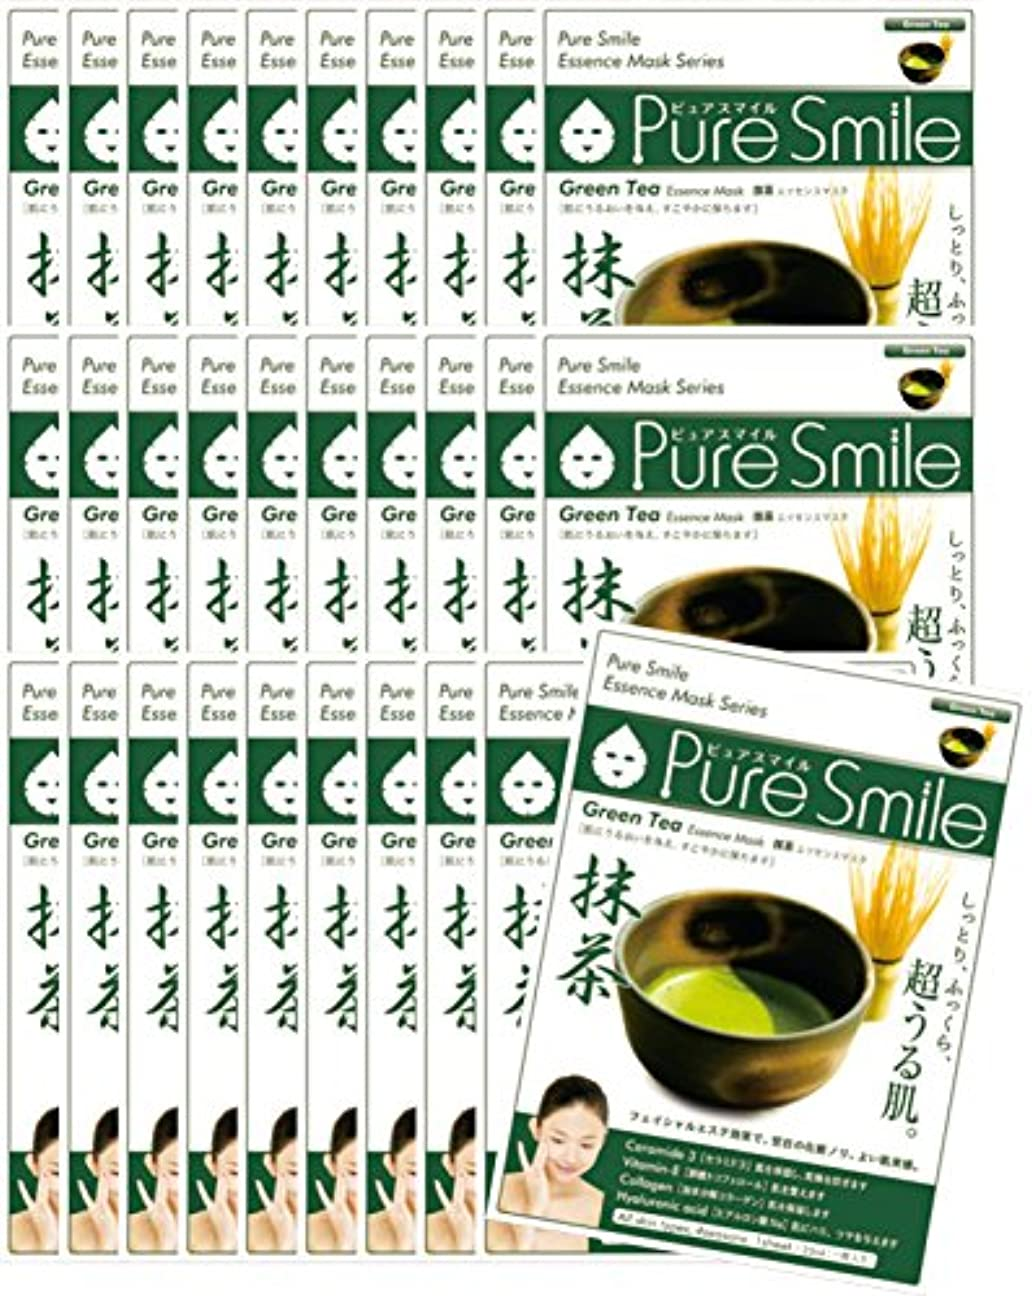 モス取り戻すバナナピュアスマイル エッセンスマスク 日本の恵み シリーズ抹茶 30枚セット